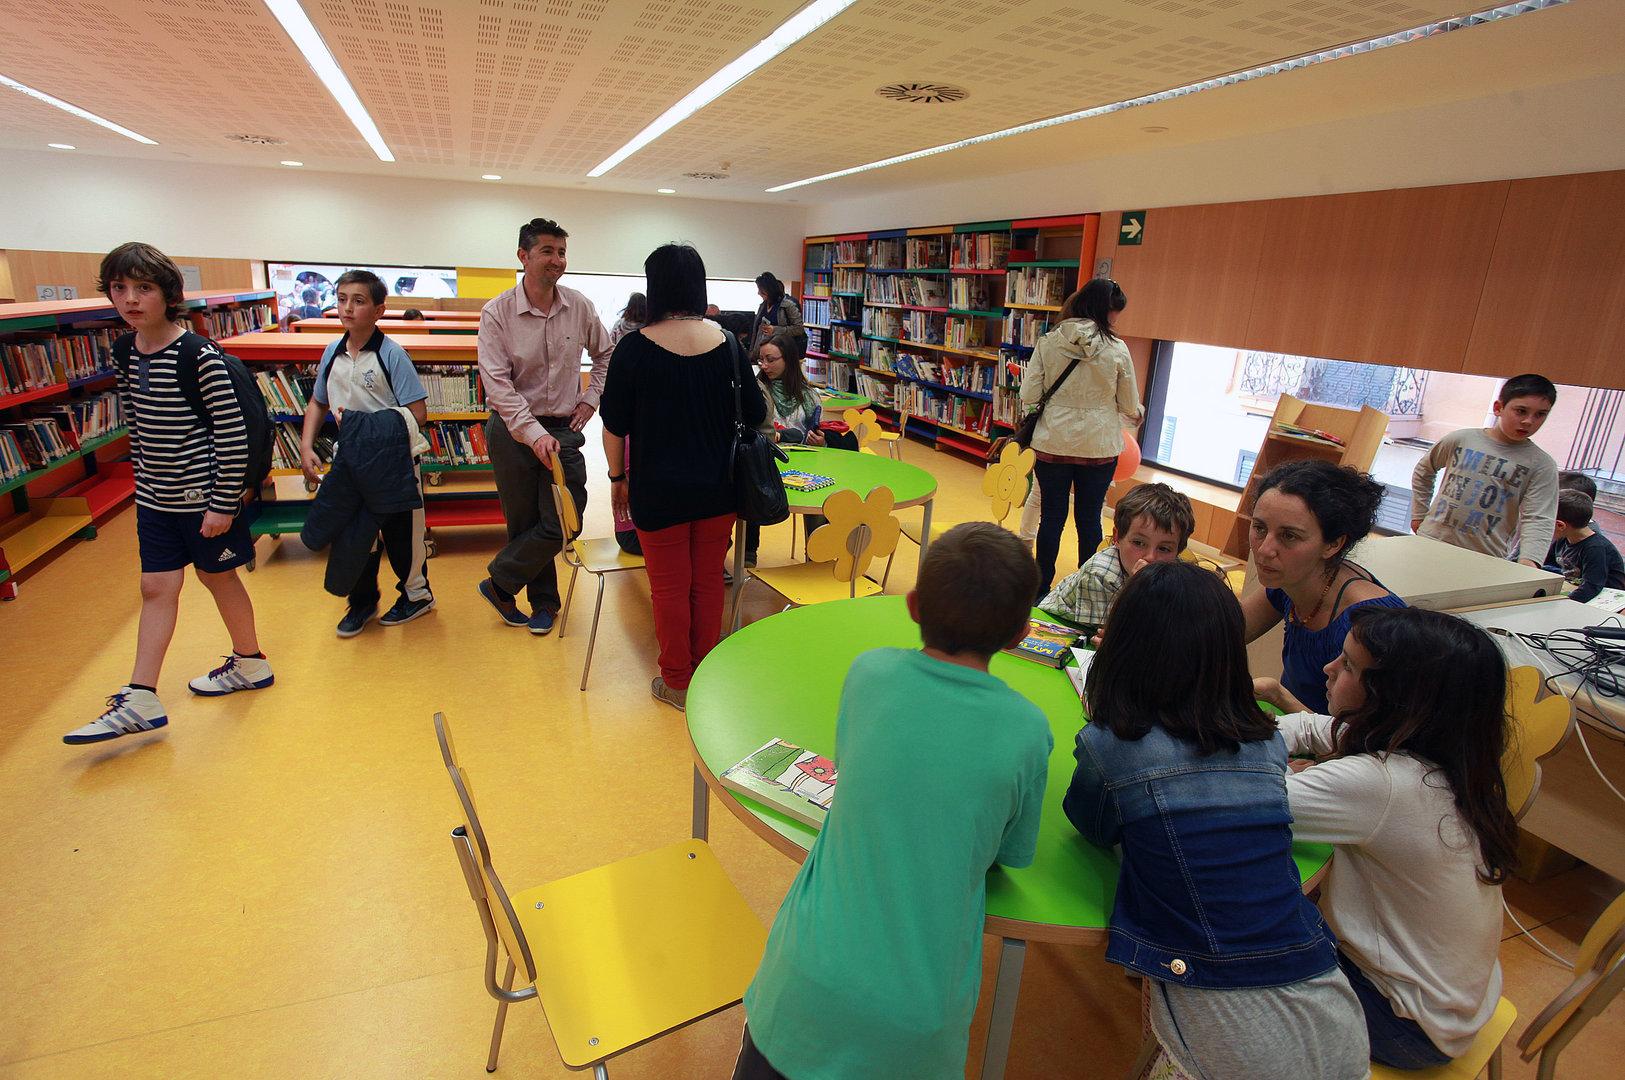 La Biblioteca Carles Cardó s'endinsa en el món de la salut amb un contacontes, una sessió de club de lectura i diverses publicacions